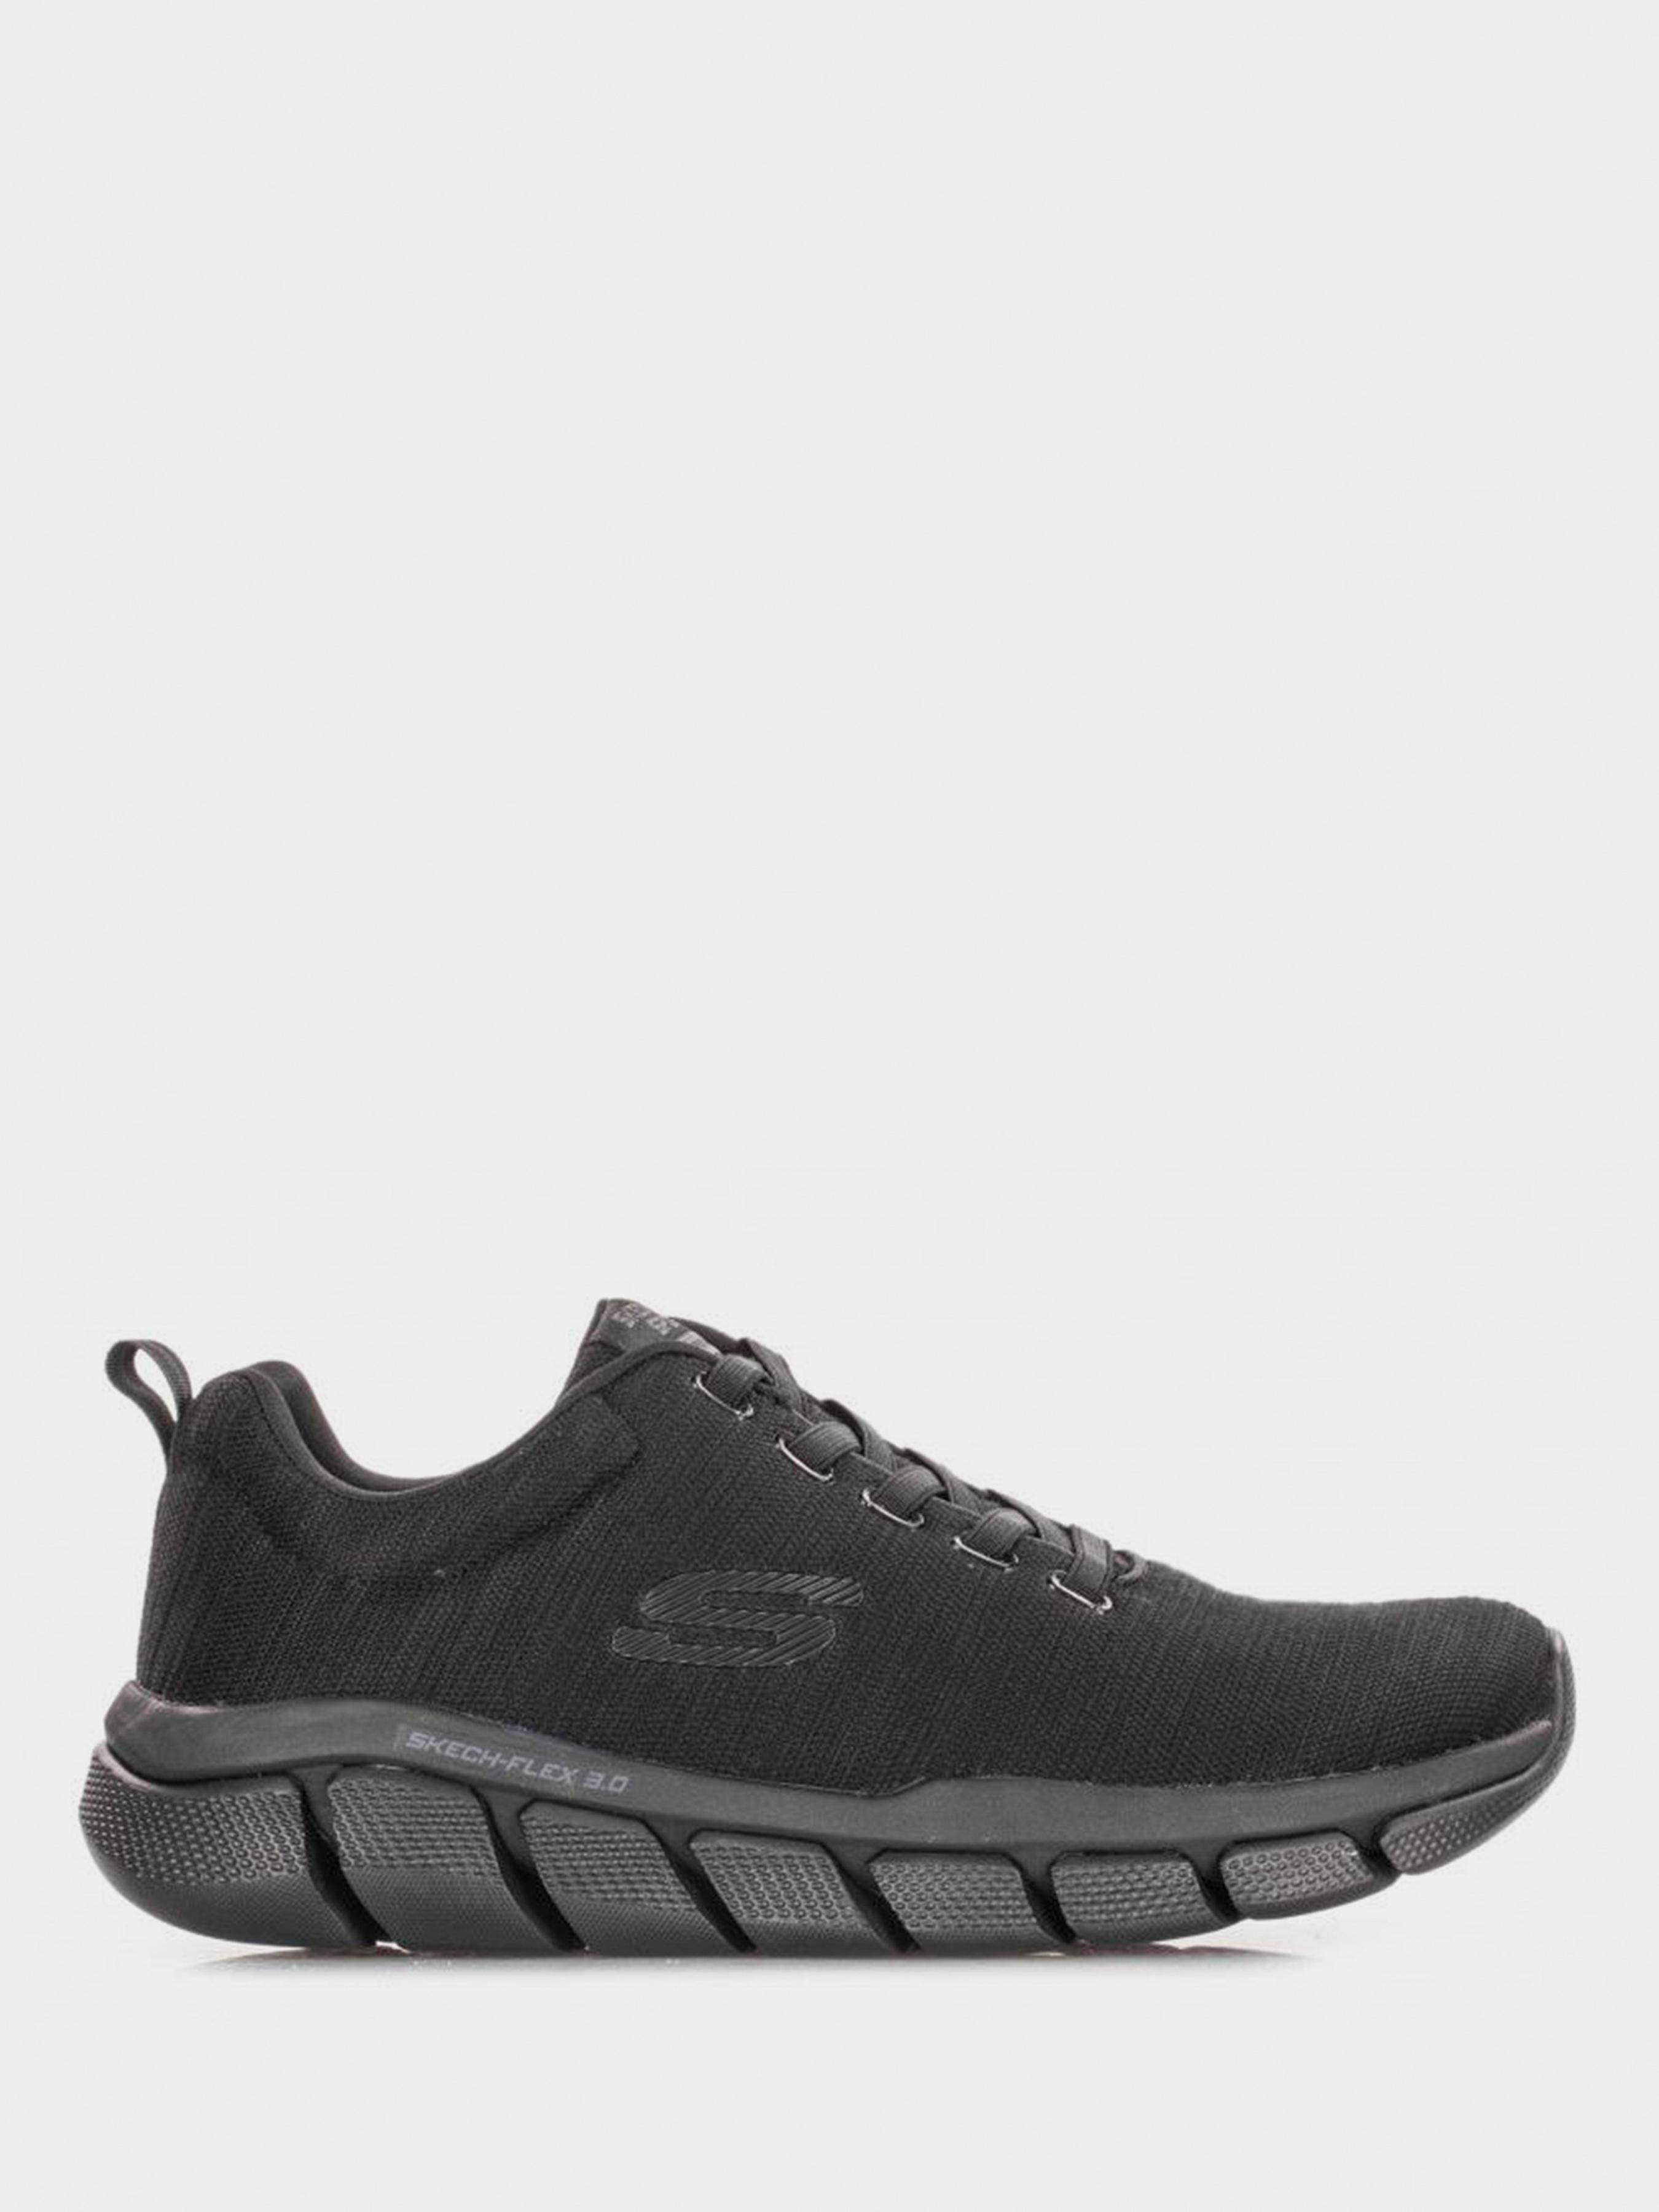 Кроссовки для мужчин Skechers KM3068 продажа, 2017